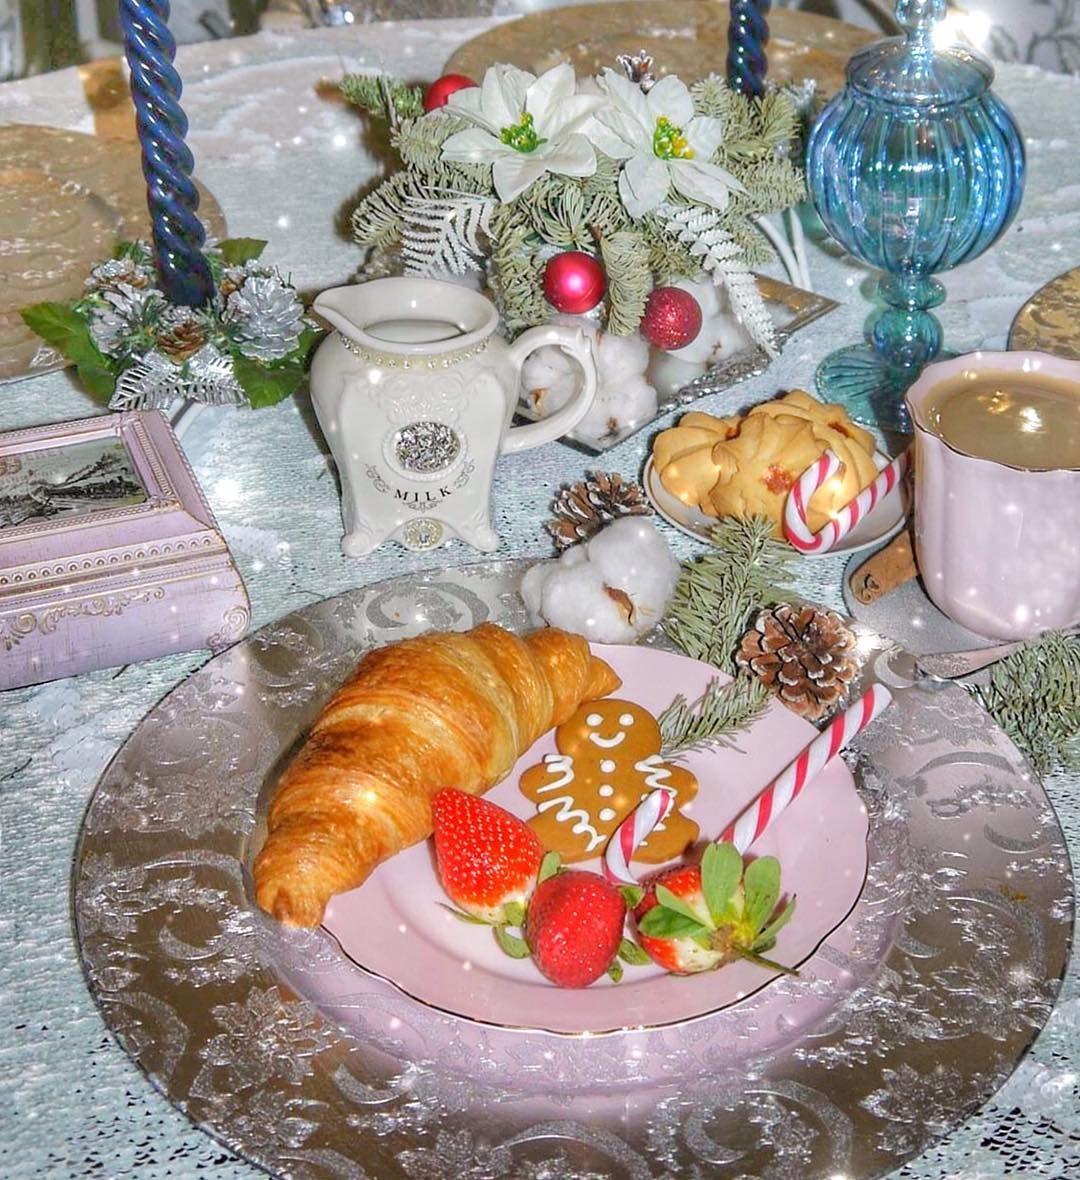 Всем доброго Рождественского утра☕️✨🙏🏻  Зажглась звезда 🌟 добра и волшебства — Счастливого святого Рождества. ✨Пусть Бог хранит и люди помогают, 🙏🏻Пусть звездный свет в душе не угасает,💫 Пусть счастьем и богатством полон дом. 👨👩👧👧💞Любви, здоровья, мира! 🙏🏻С Рождеством.✨ #спраздником #праздничноеутро #вкусноеутро